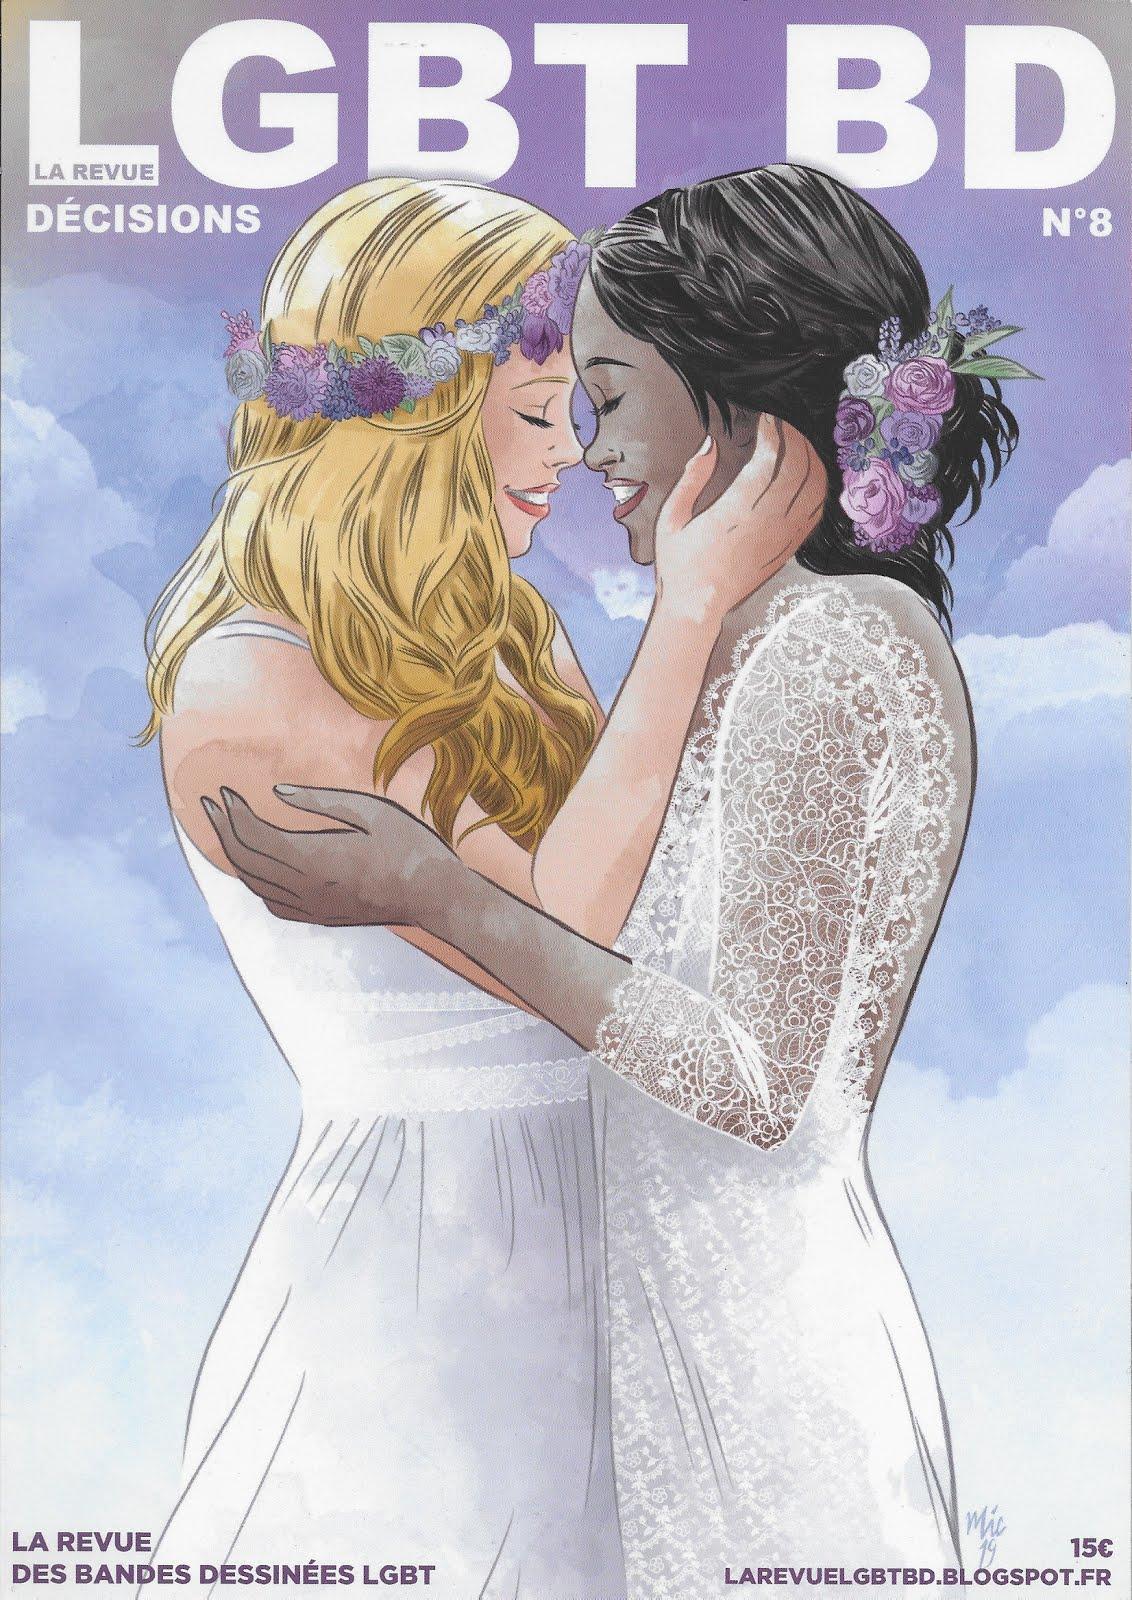 La Revue LGBT BD 8